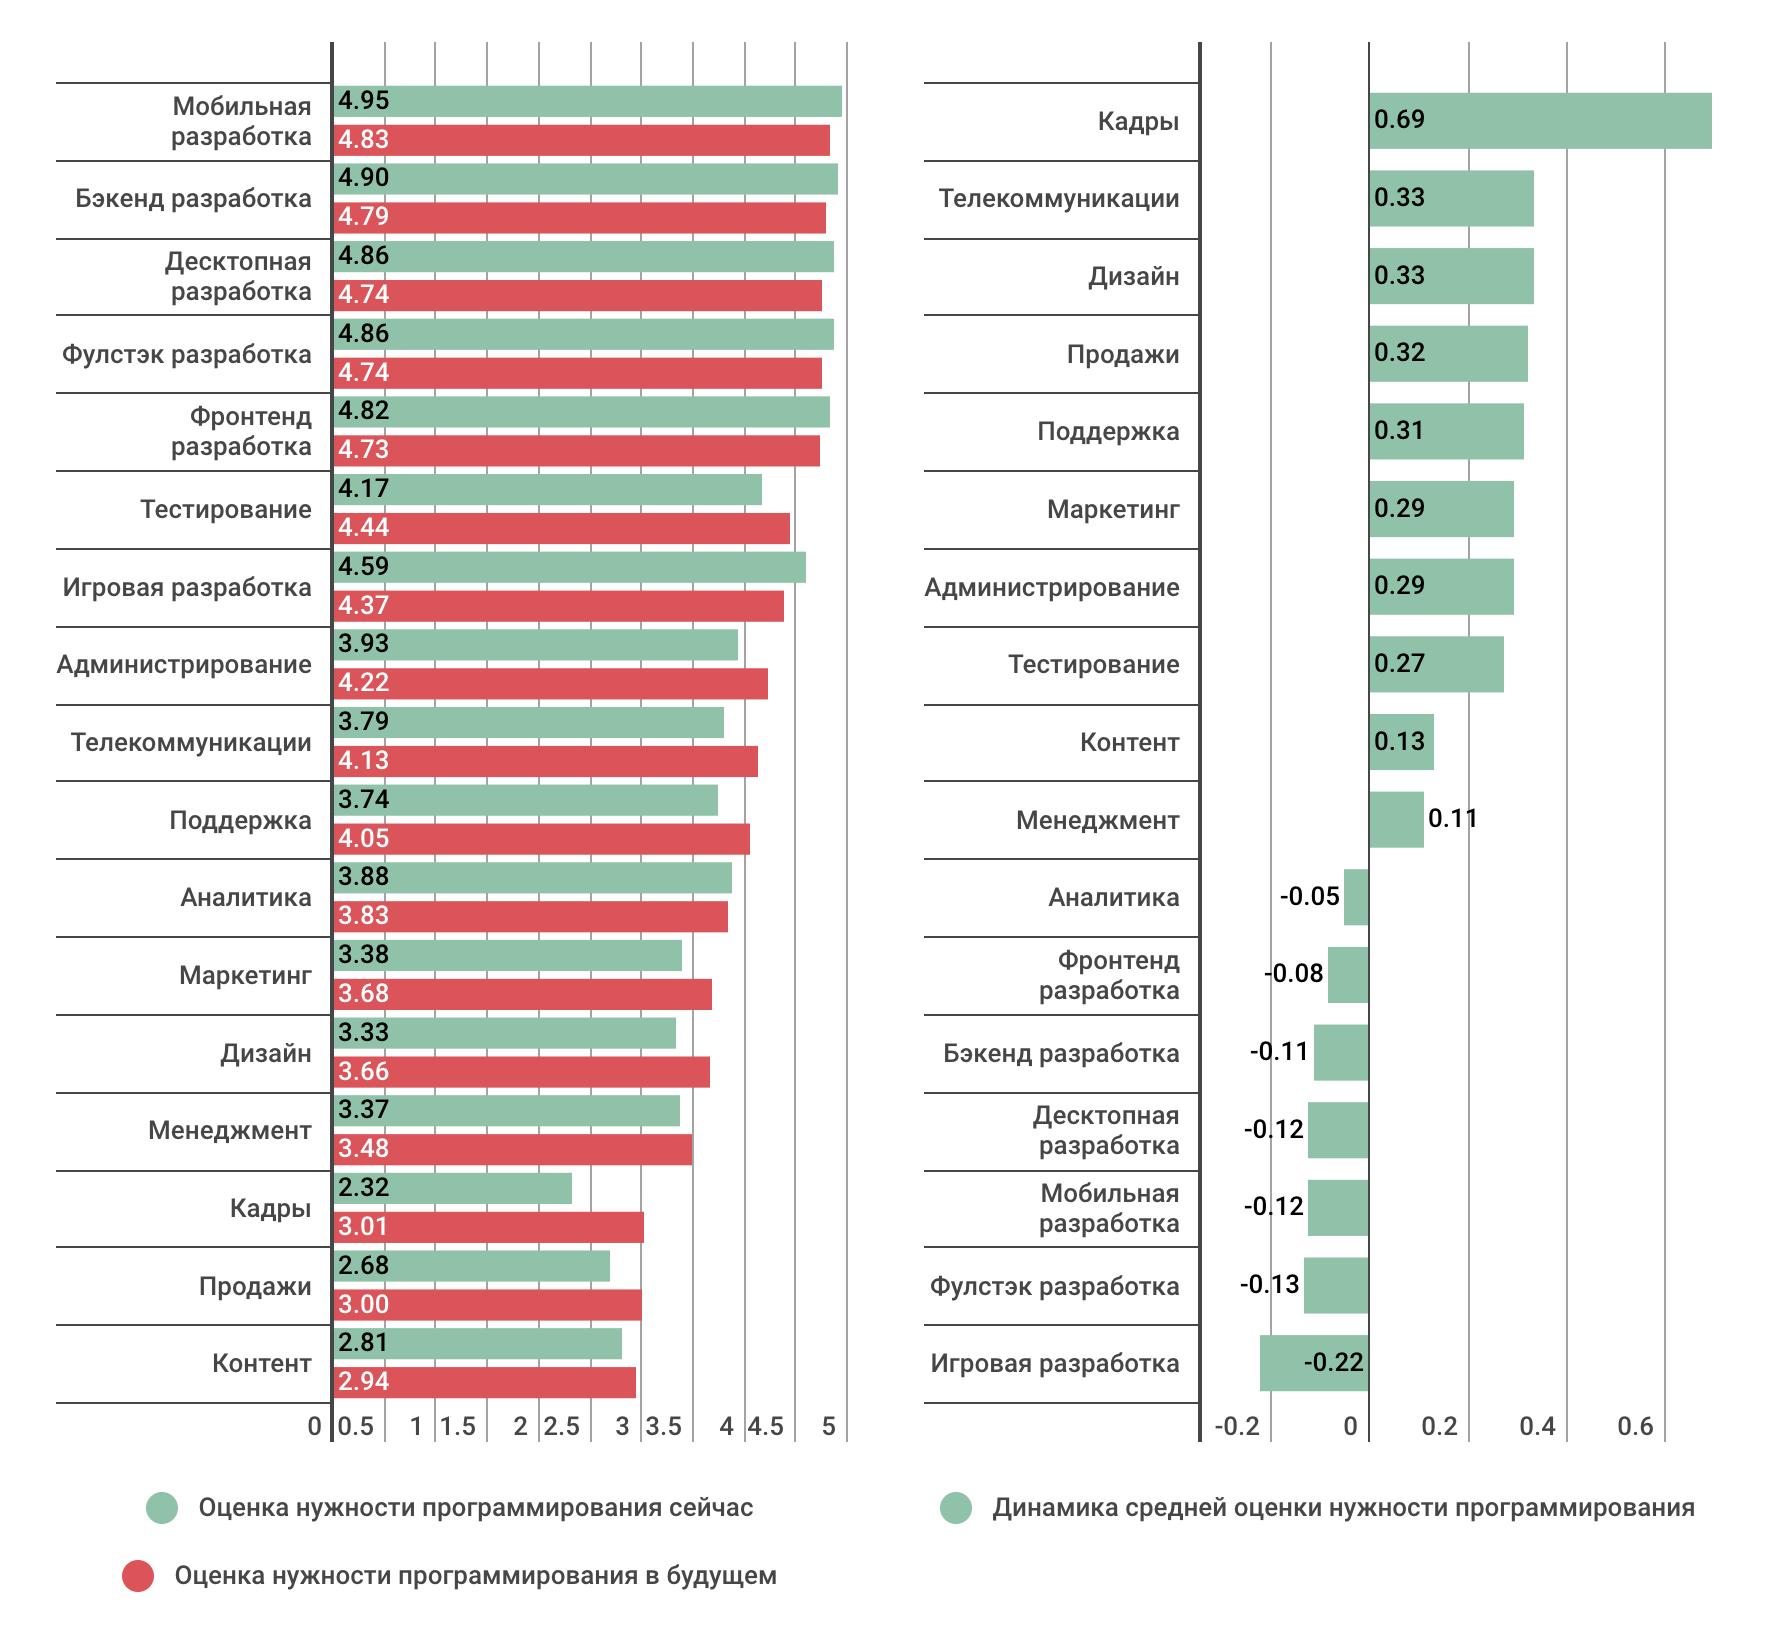 Профессиональные или жизненные навыки: что важнее в ИТ-индустрии сегодня и в будущем (результаты опроса) - 13